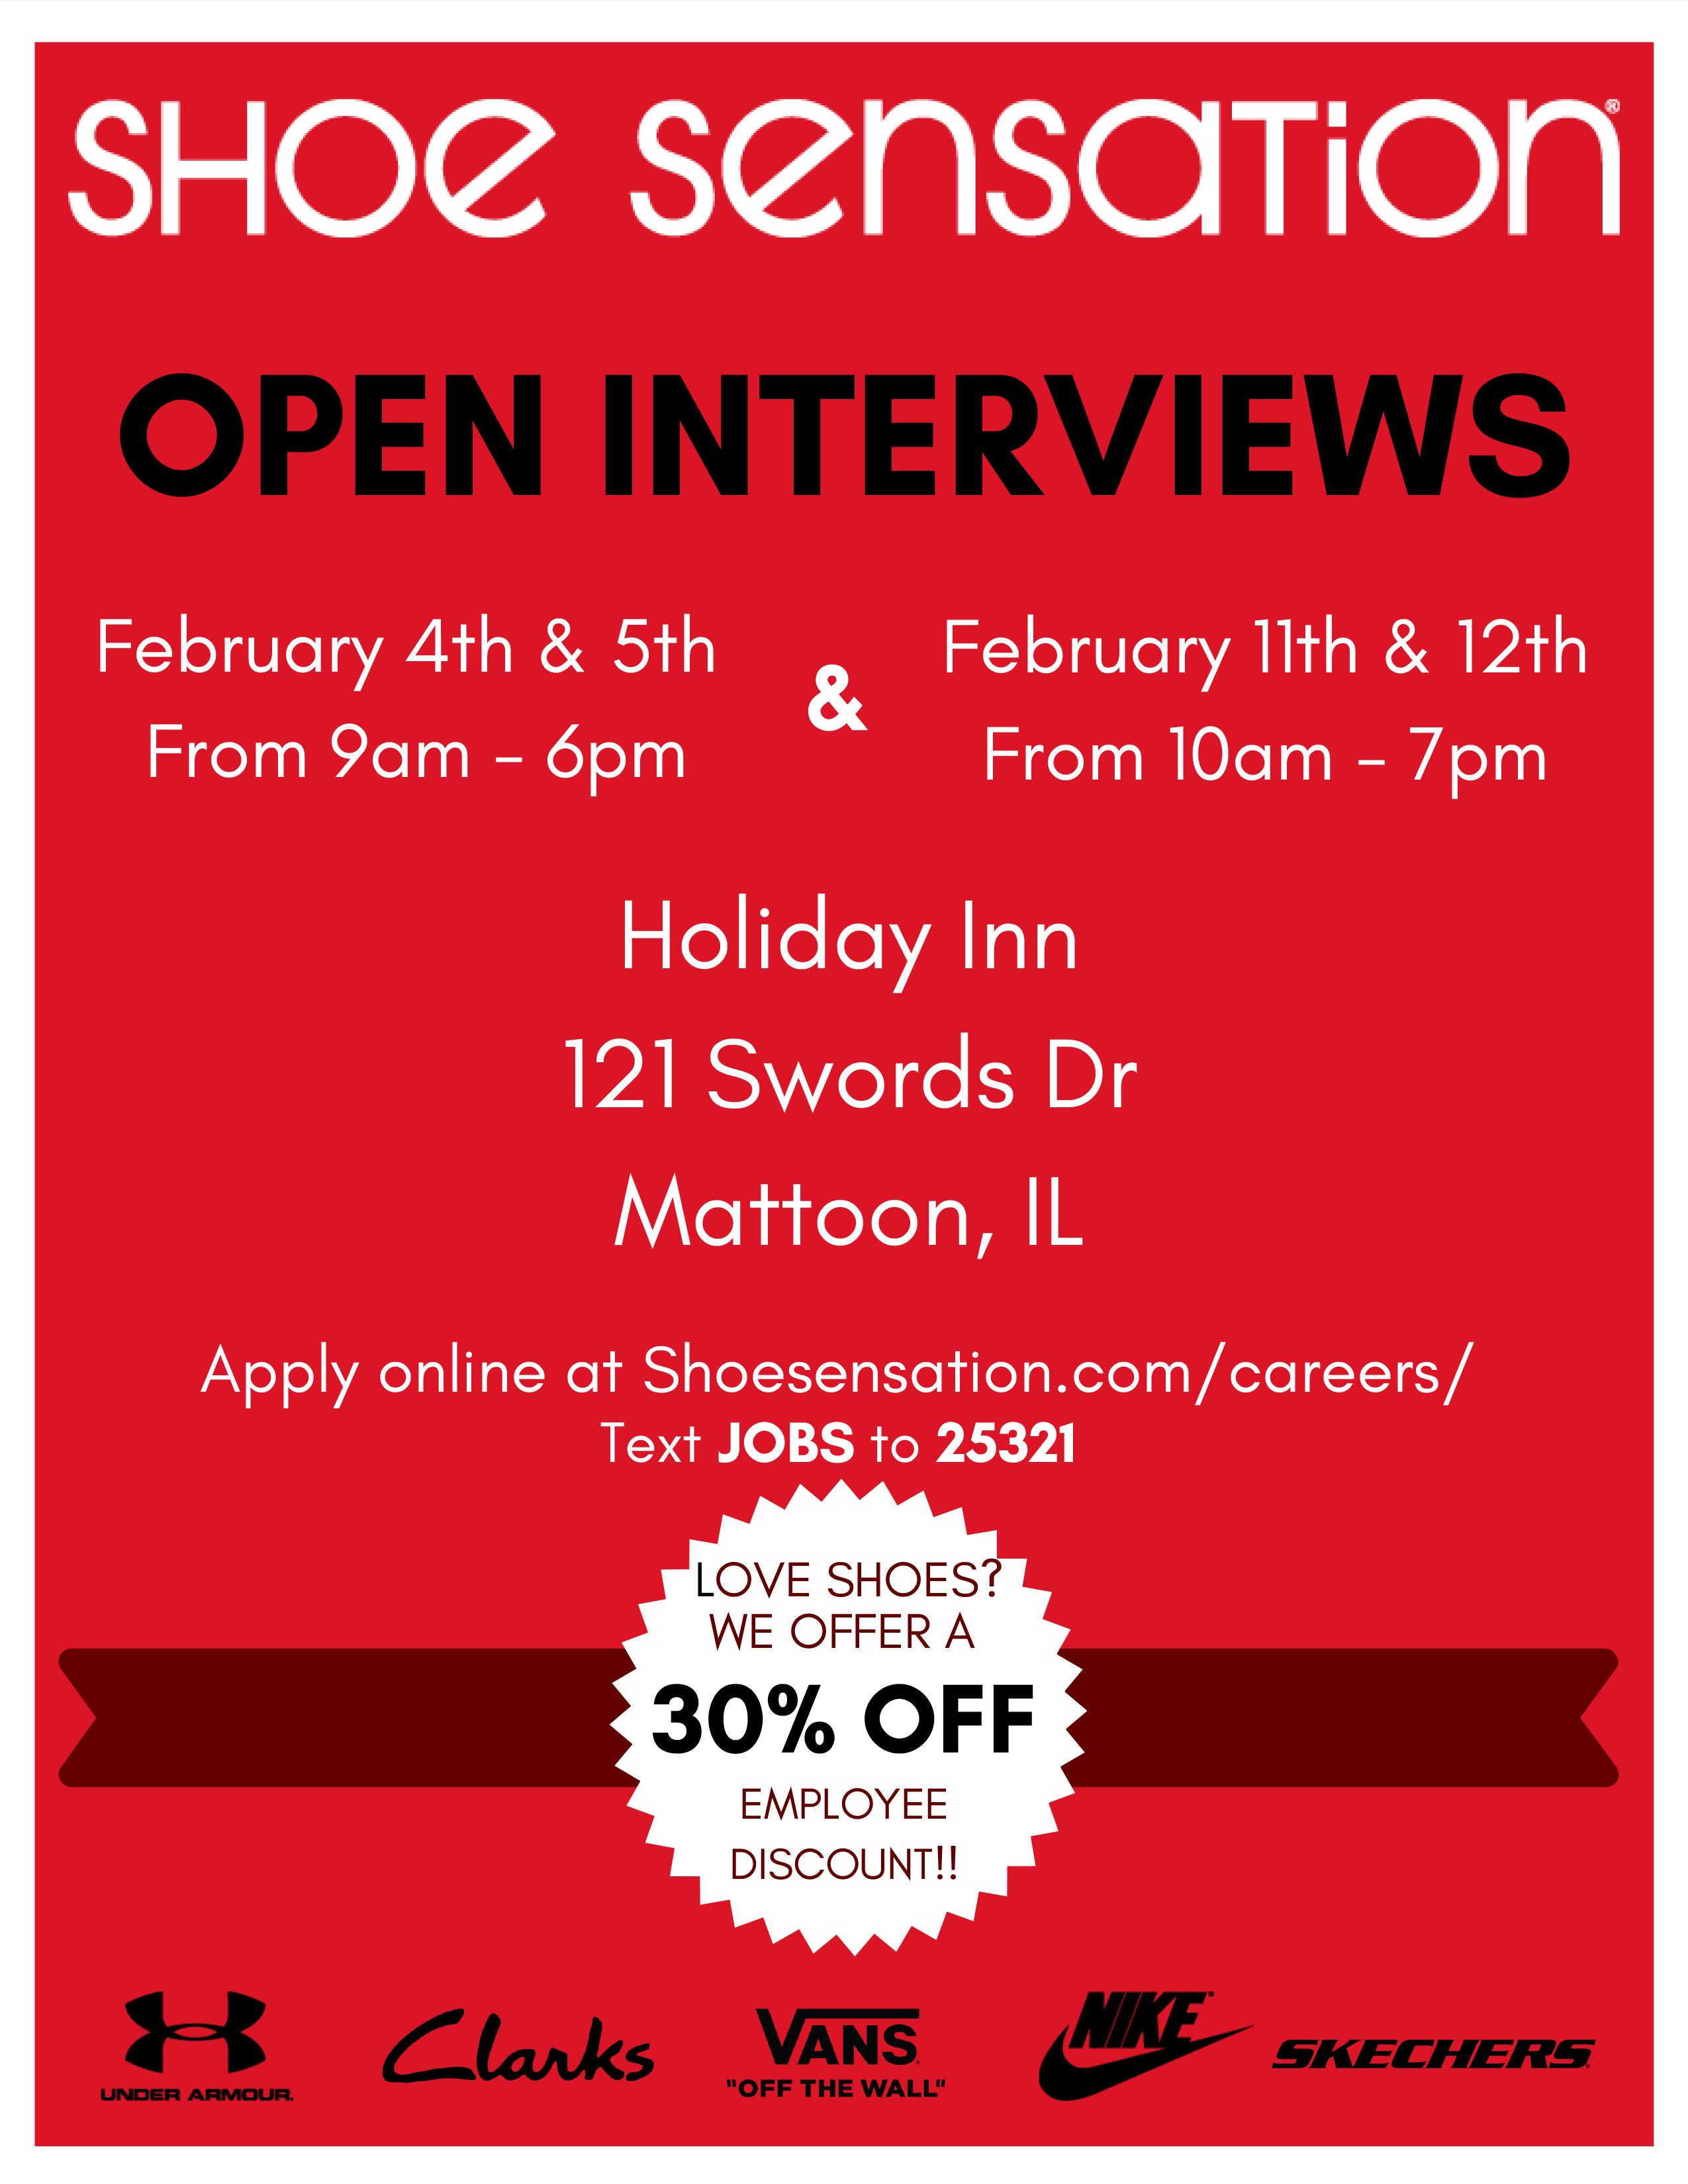 Shoe Sensation Open Interviews @ Holiday Inn